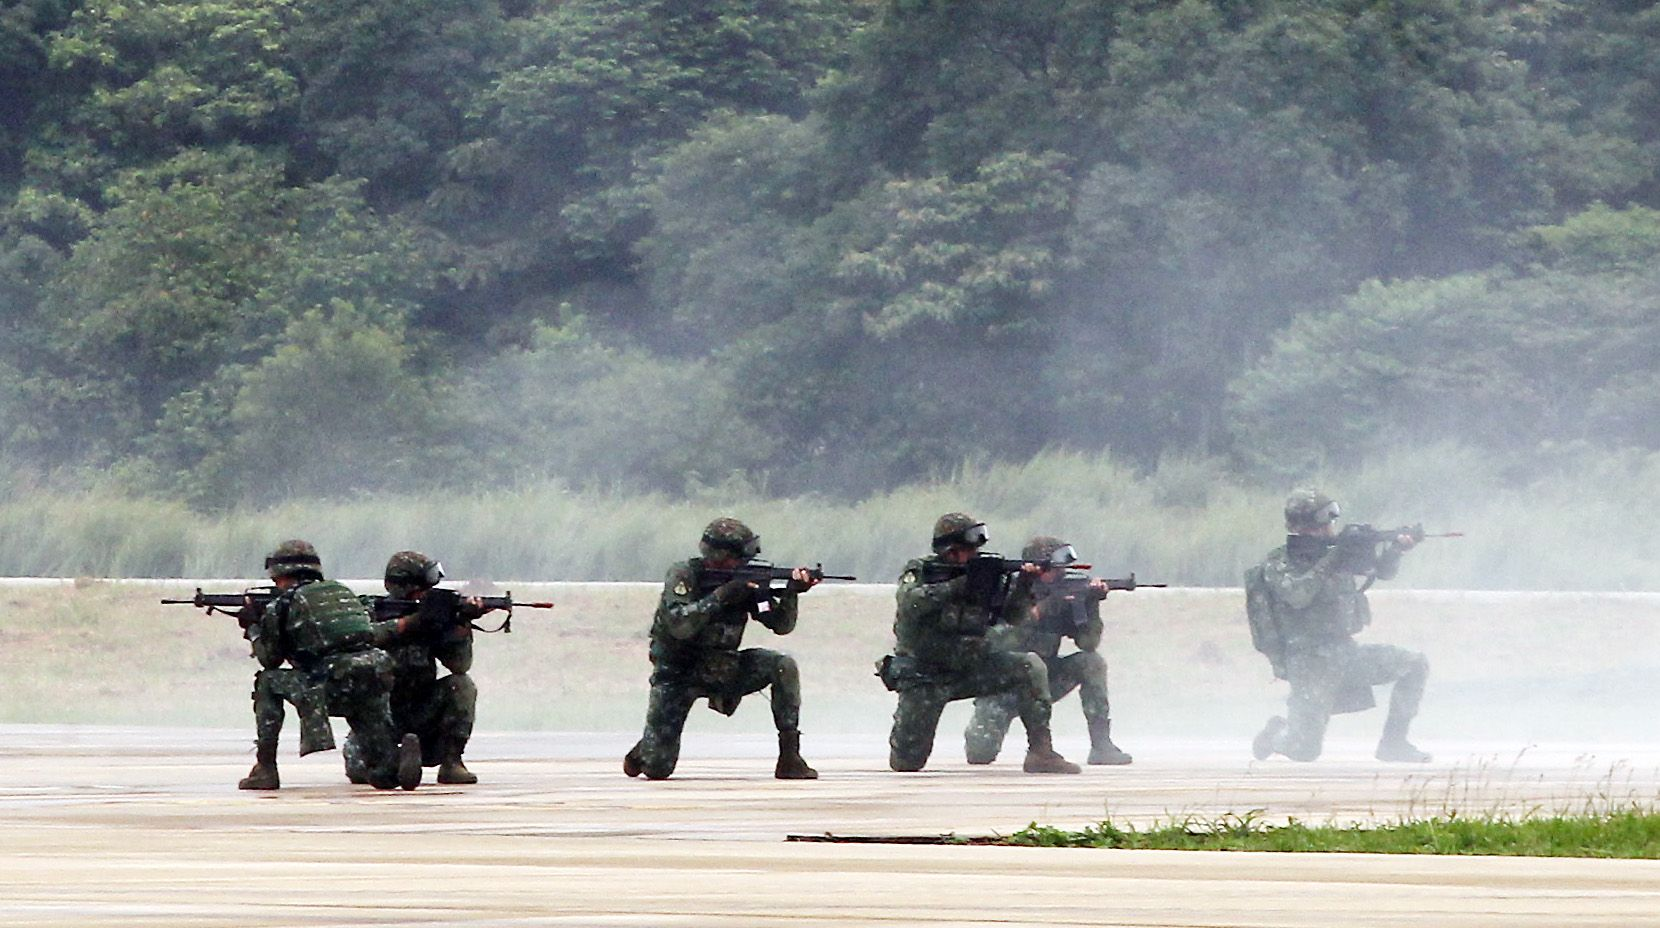 陸軍第三作戰區「地空聯合作戰」實兵操演,裝甲584旅機步戰鬥隊結合特戰兵力,在攻擊直升機掩護下對敵軍